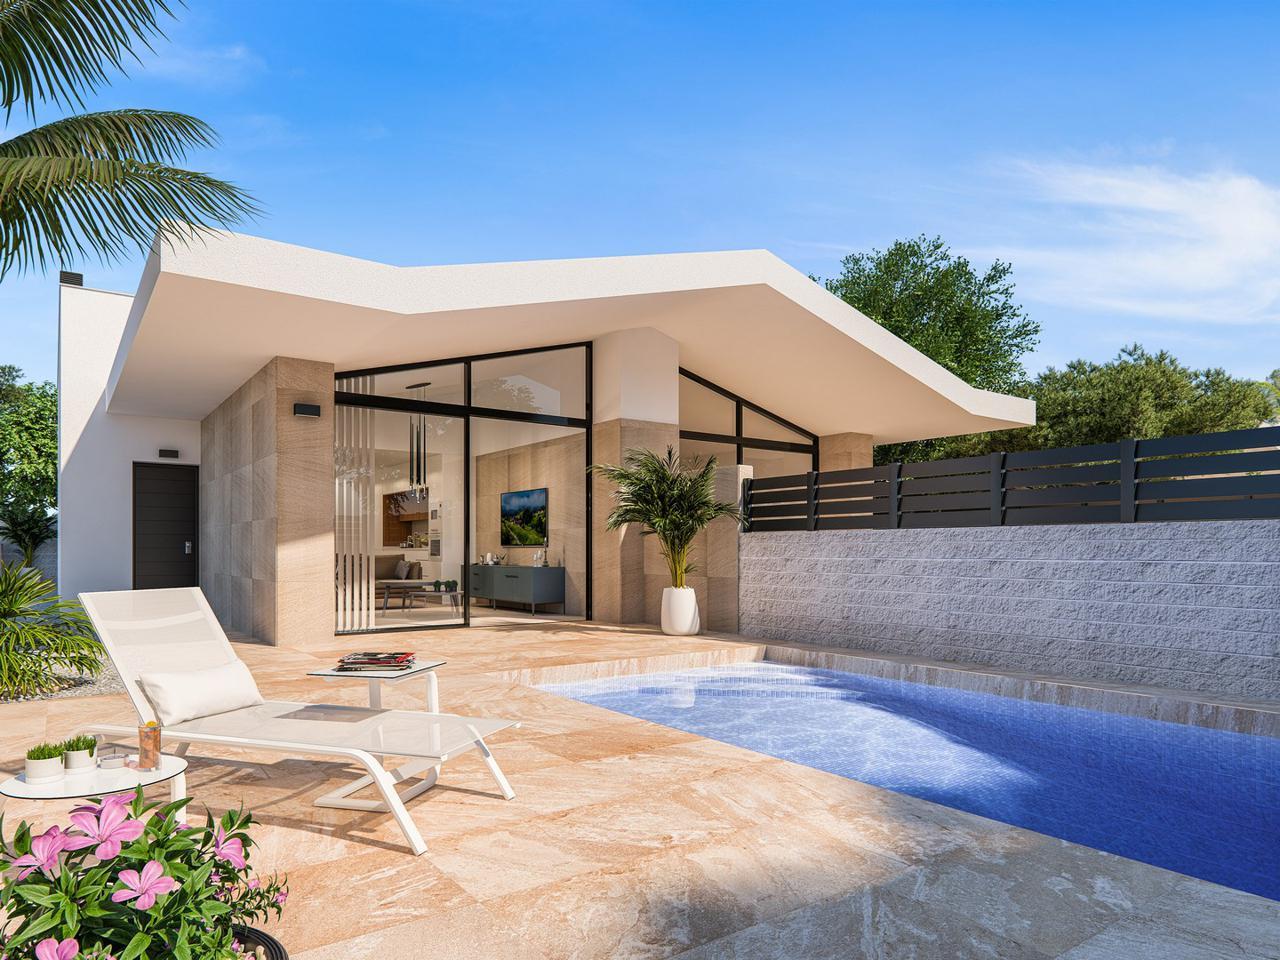 Villas pareadas de obra nueva con piscina opcional - imagenInmueble0